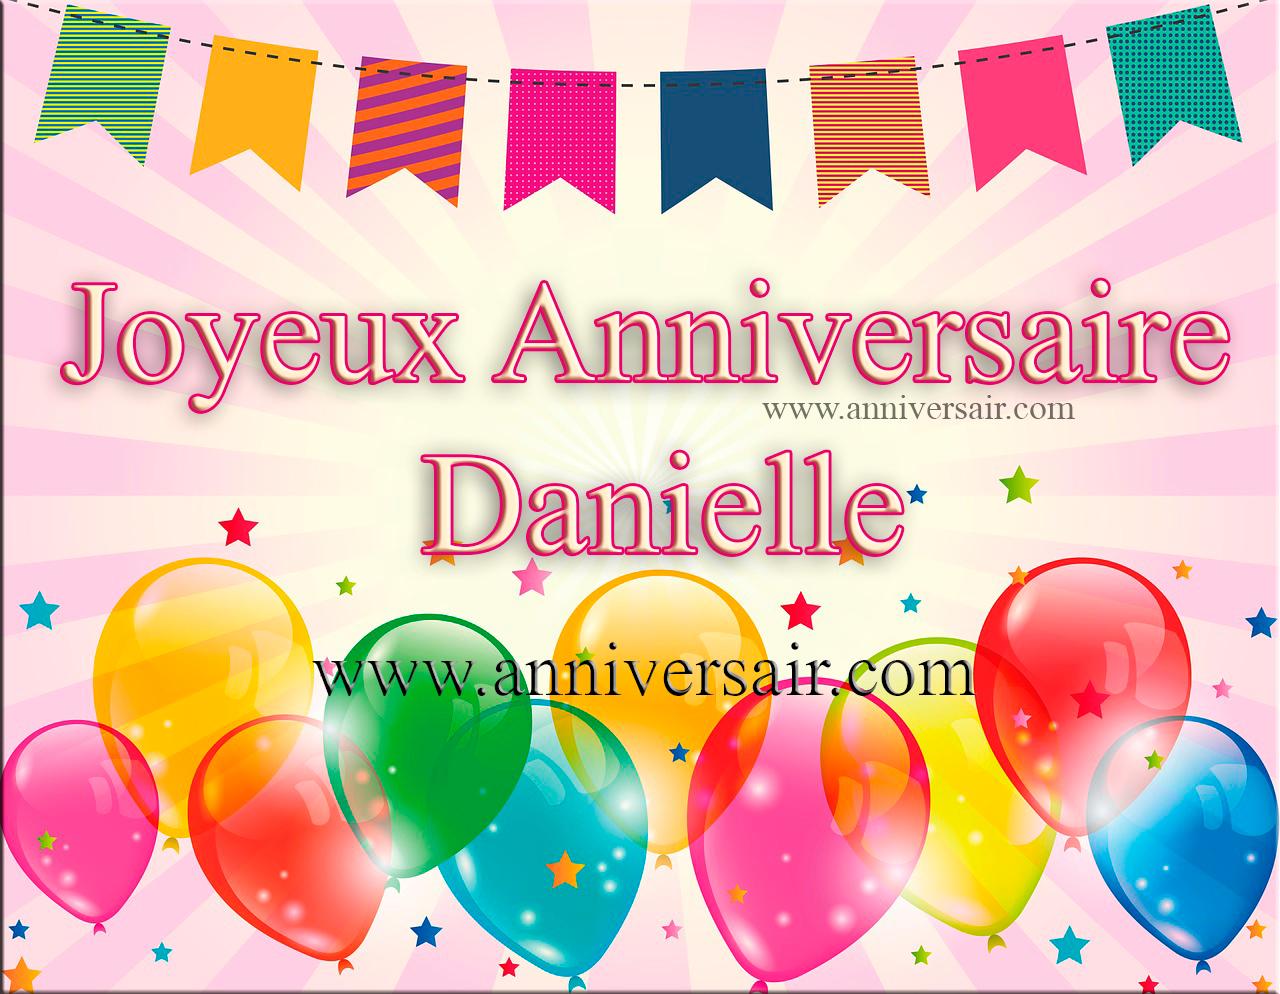 Joyeux anniversaire Danielle